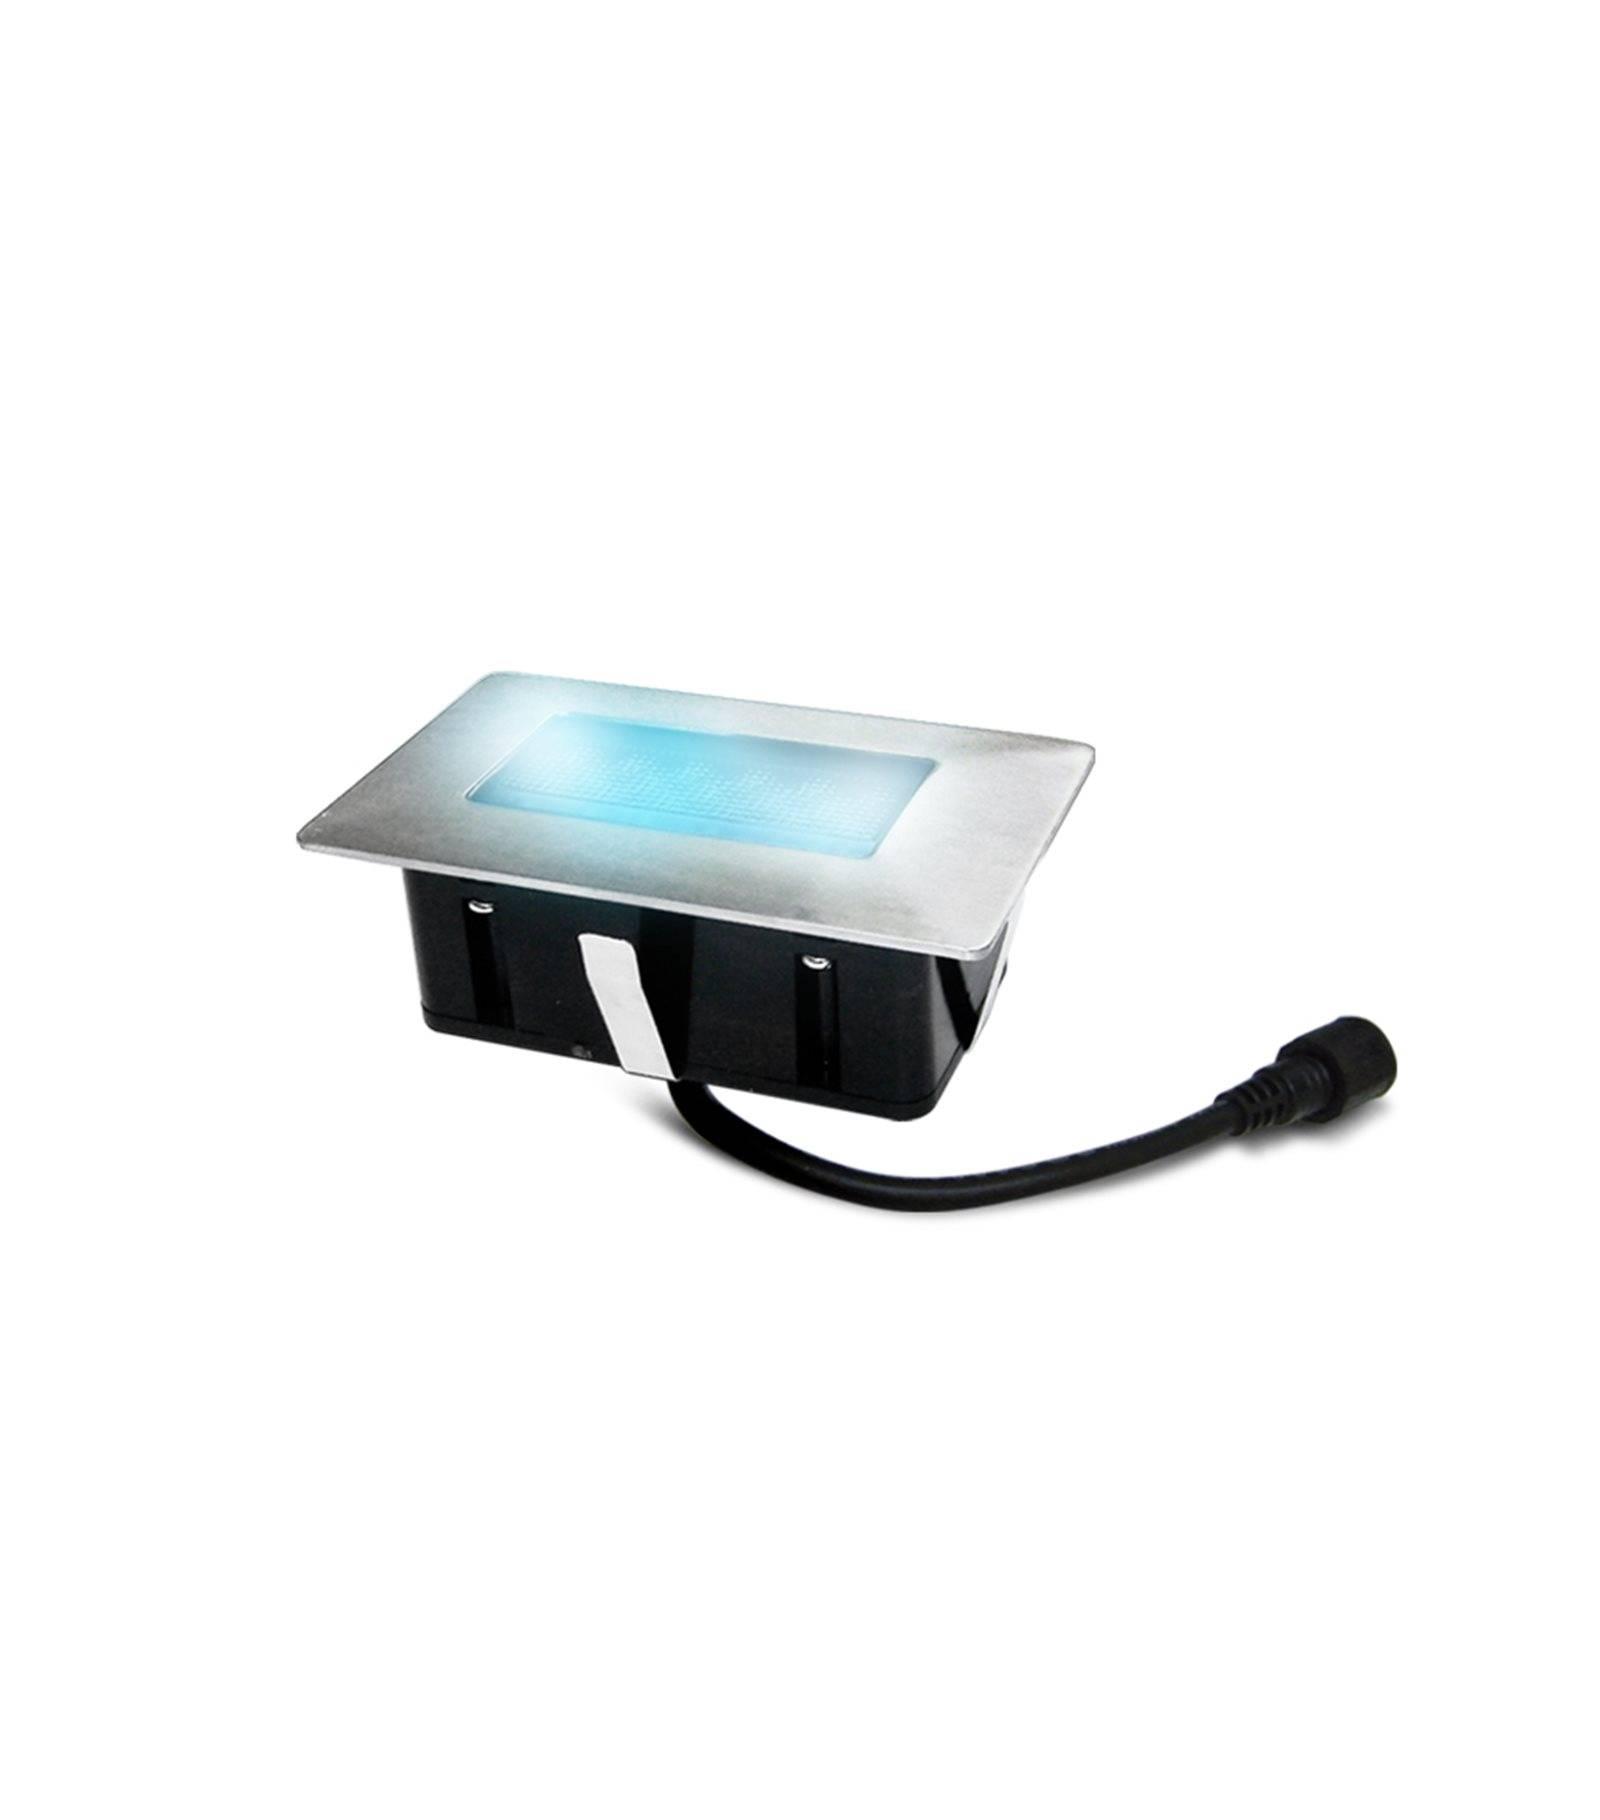 Easy Connect Mini Spot encastrable rectangle 6x10cm Inox Mini DECK Light 2W LED integrés IP67 Bleu extérieur EASY CONNECT - 65441